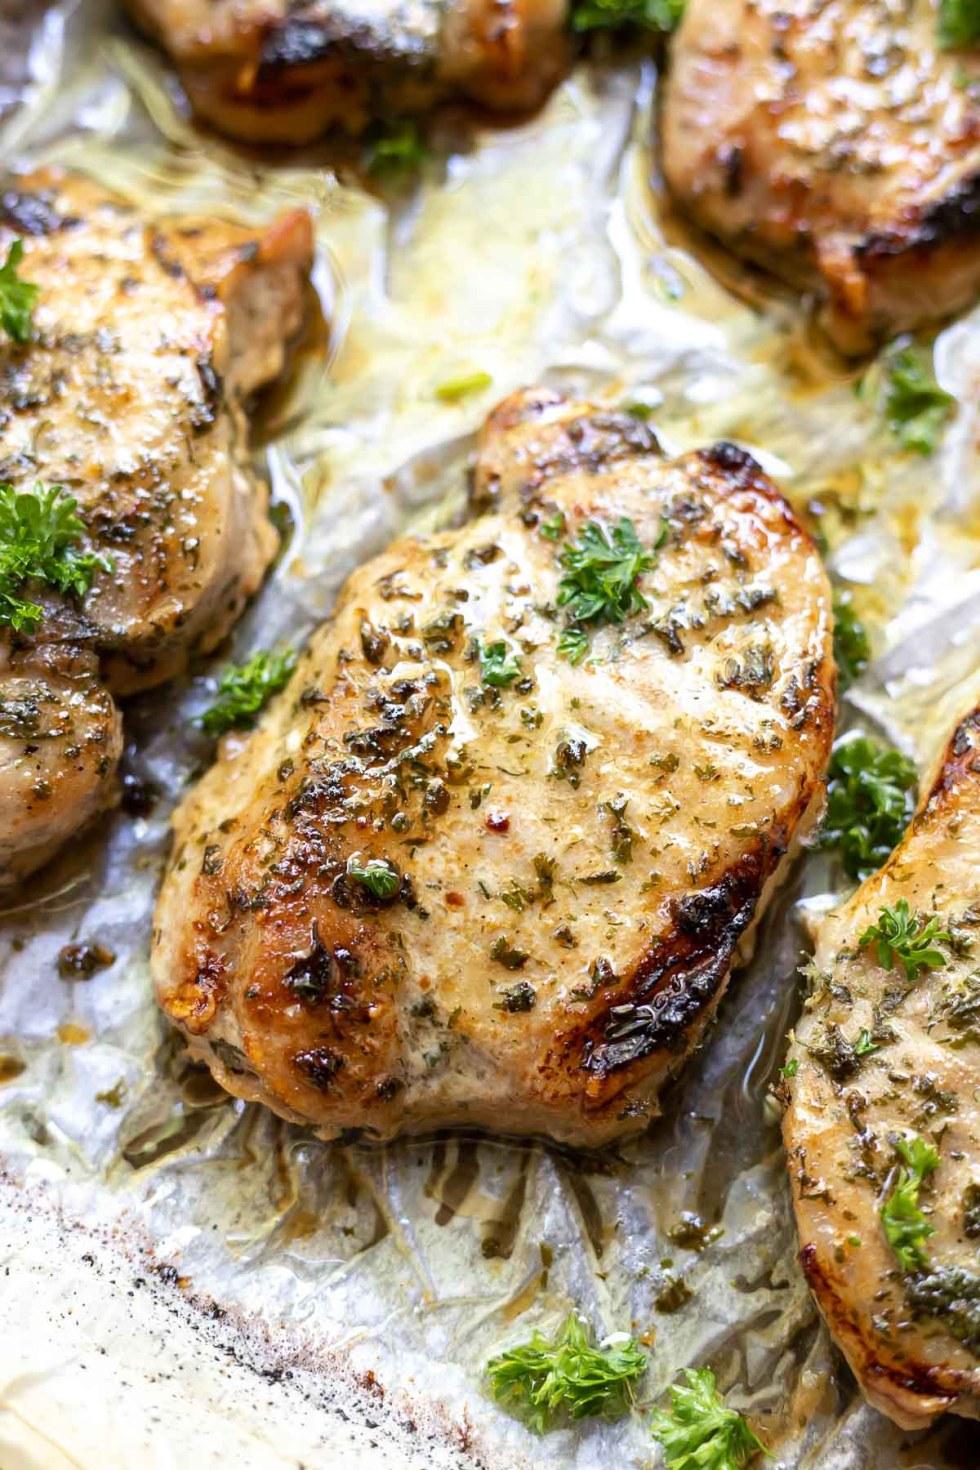 pork chops on baking sheet